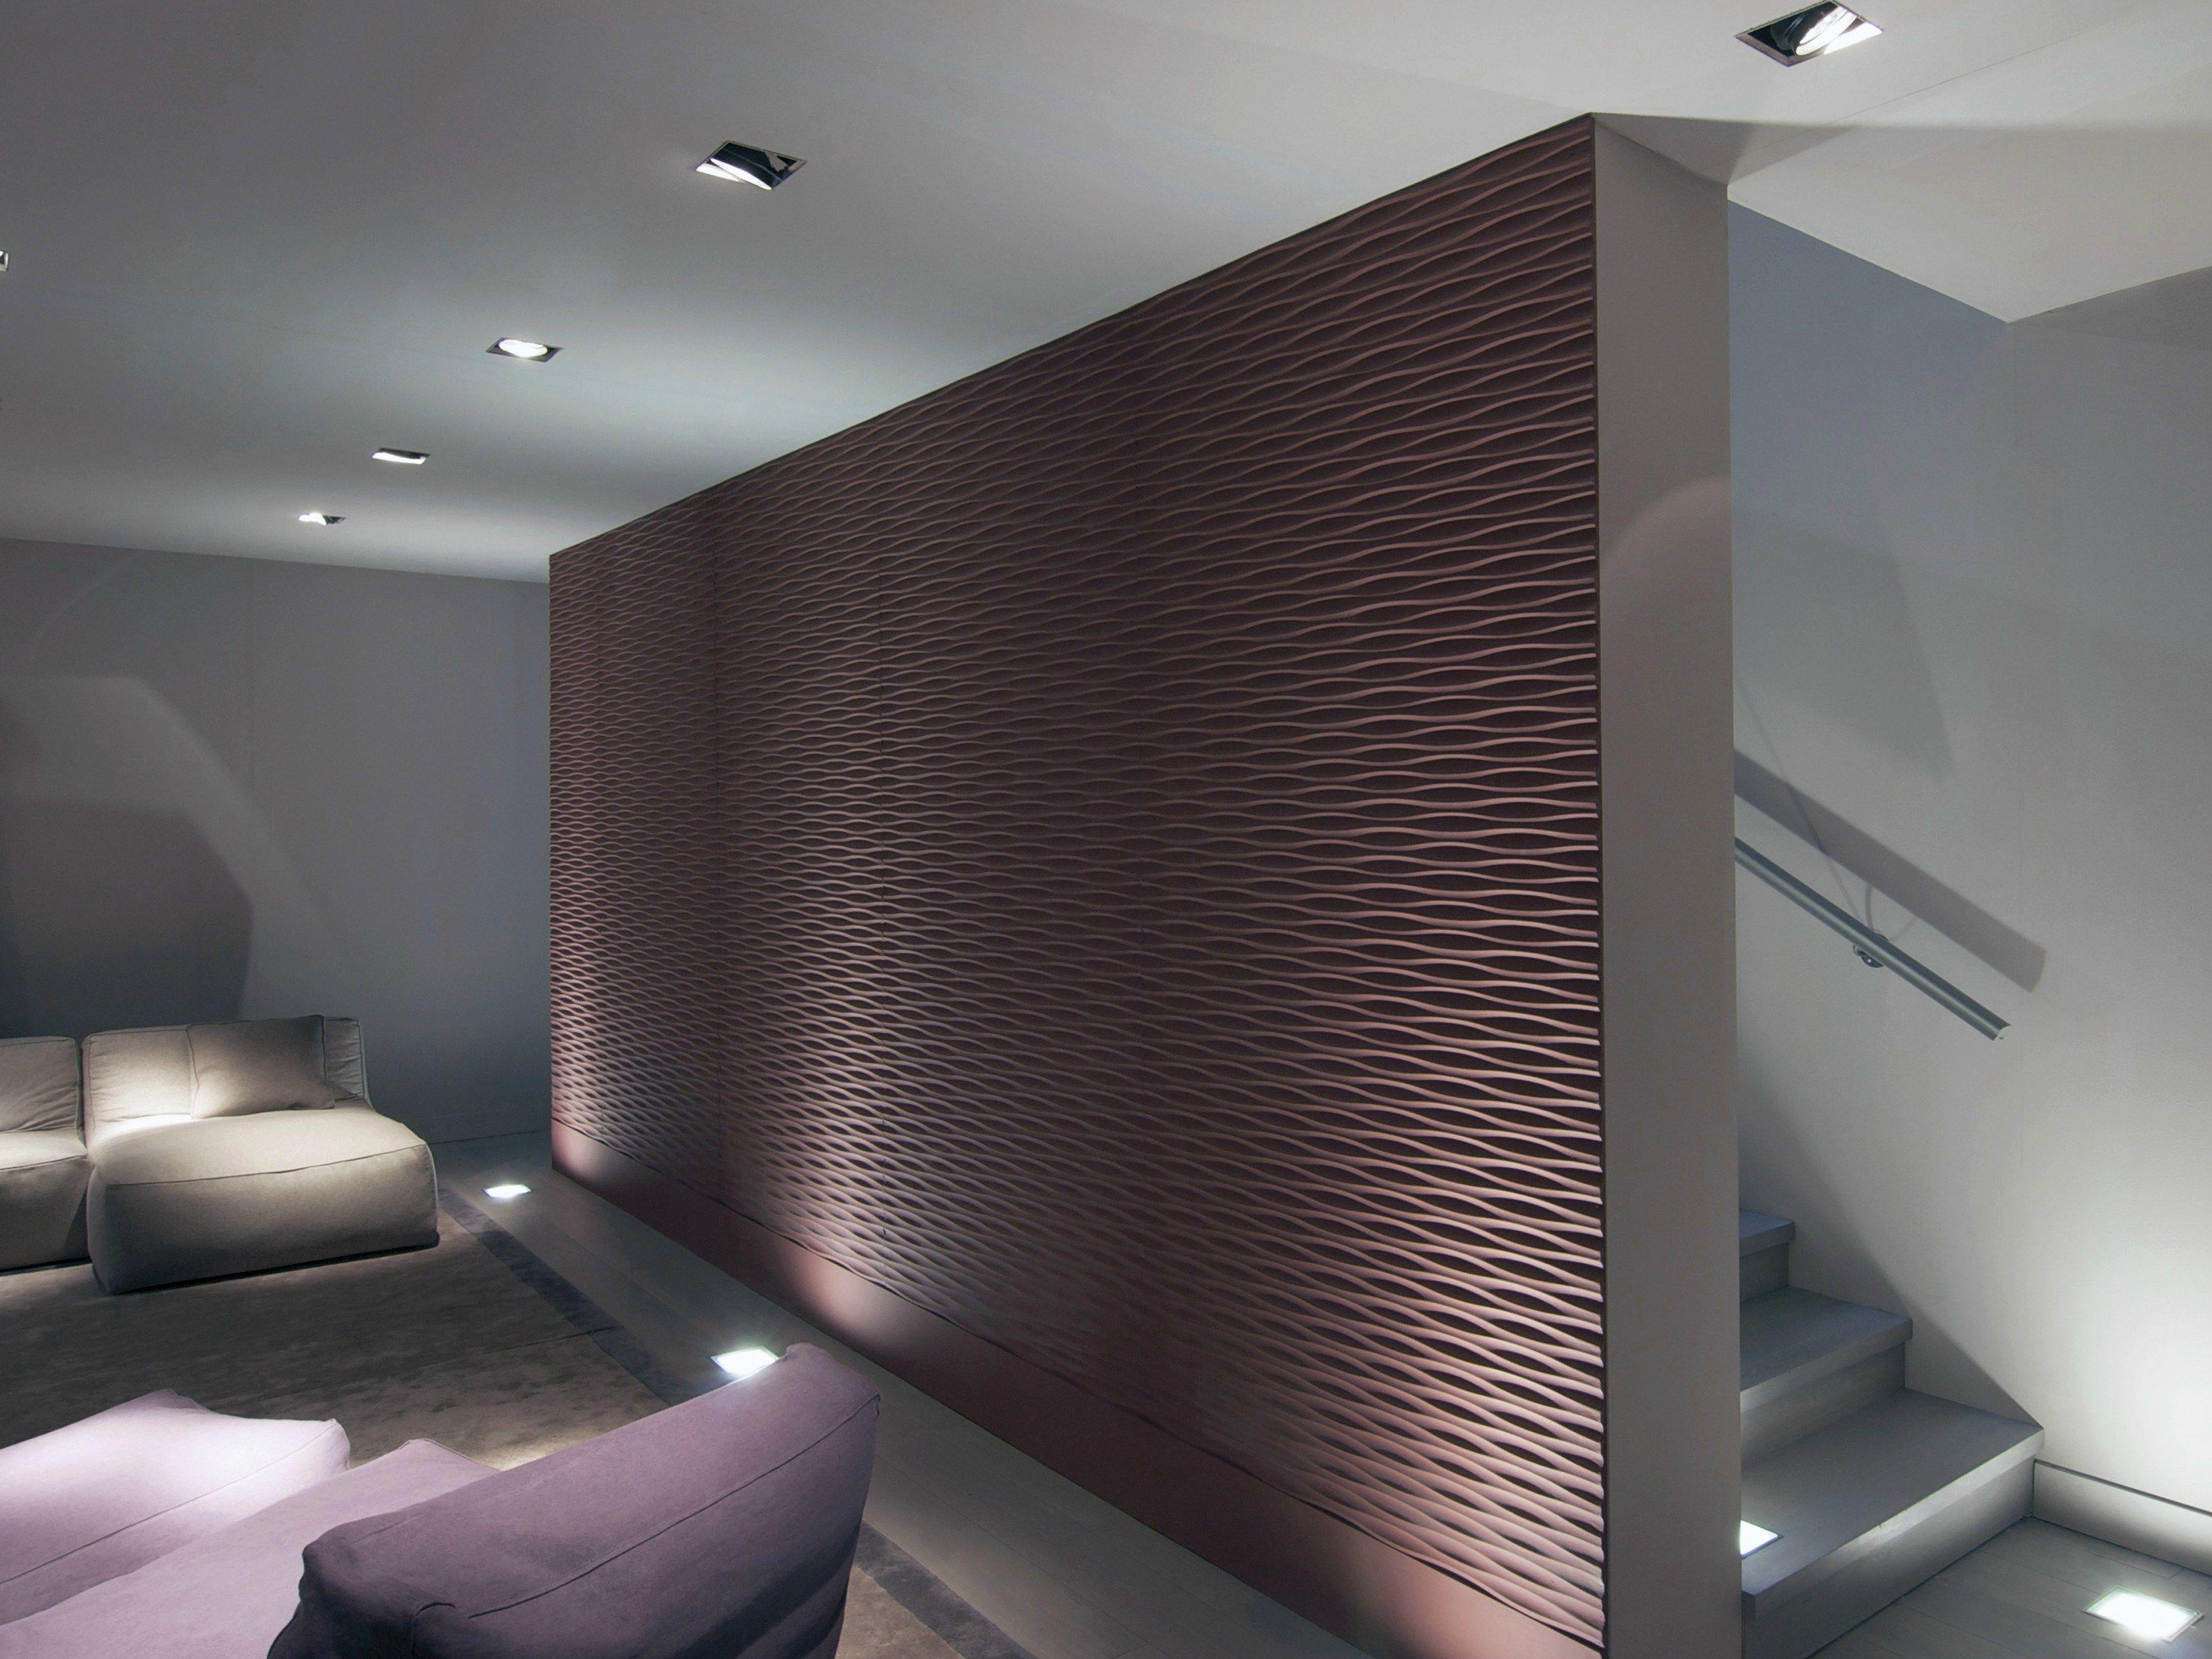 Mdf 3d Wall Panel Thalweg Mdf By Marotte 174